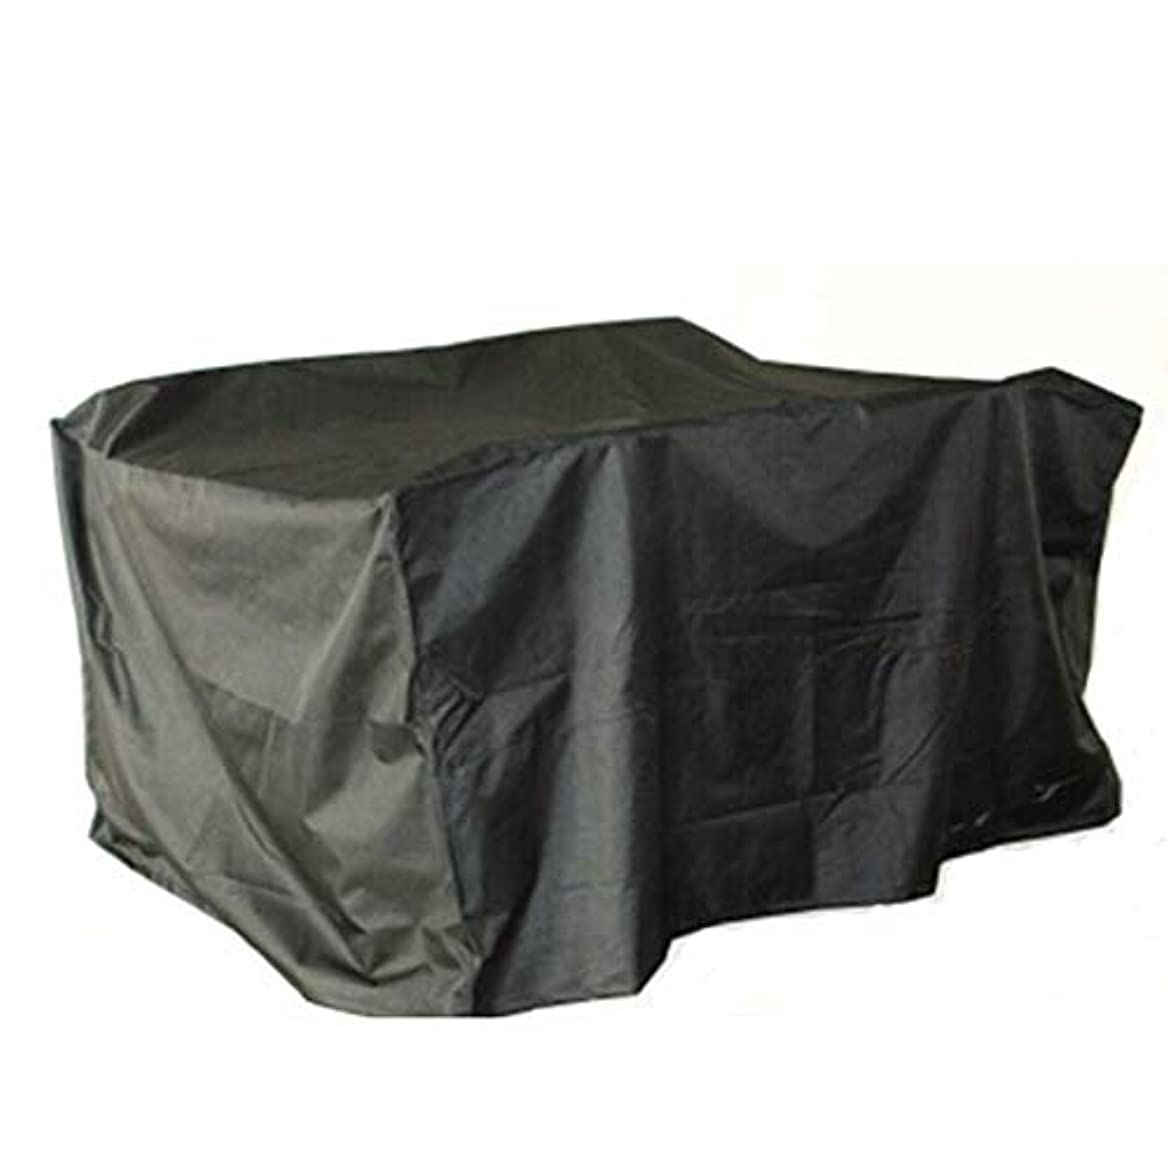 言語学微視的生命体Yushengxiang 屋外テント屋外庭niture雨カバー庭防水テーブルと椅子カバー (Color : ブラック, サイズ : 200x716x84CM)